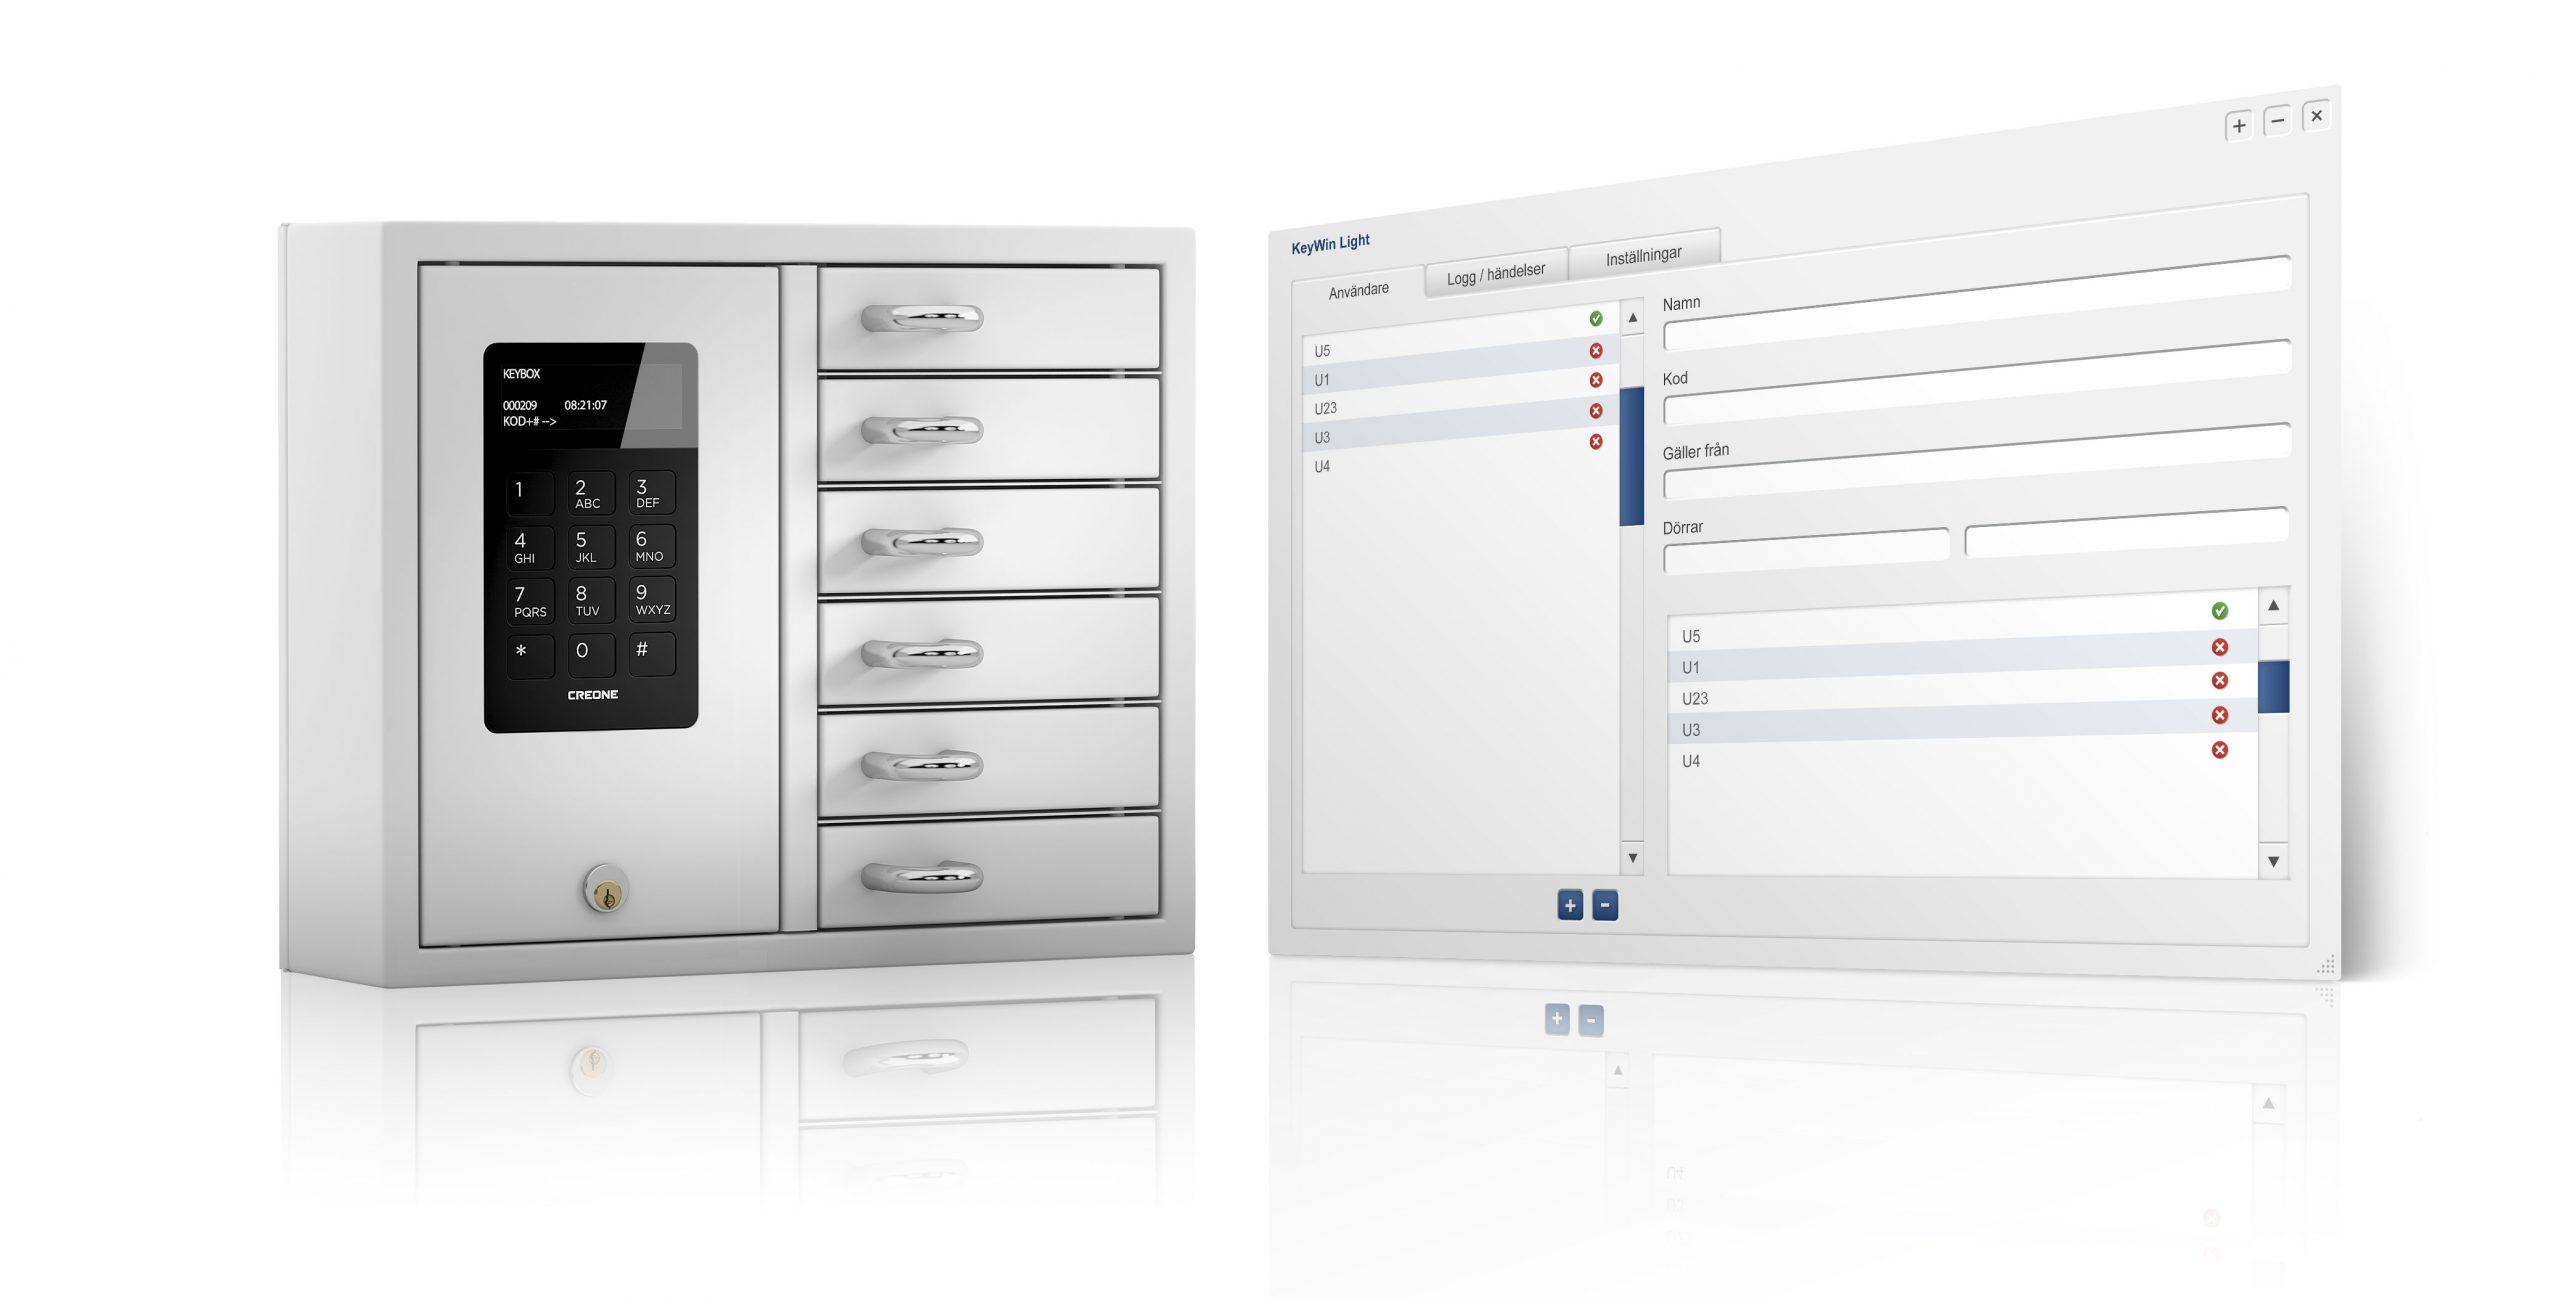 KeyBox Schlüsselschrank mit Programmansicht der Schlüsselverwaltungssoftware KeyWin Light